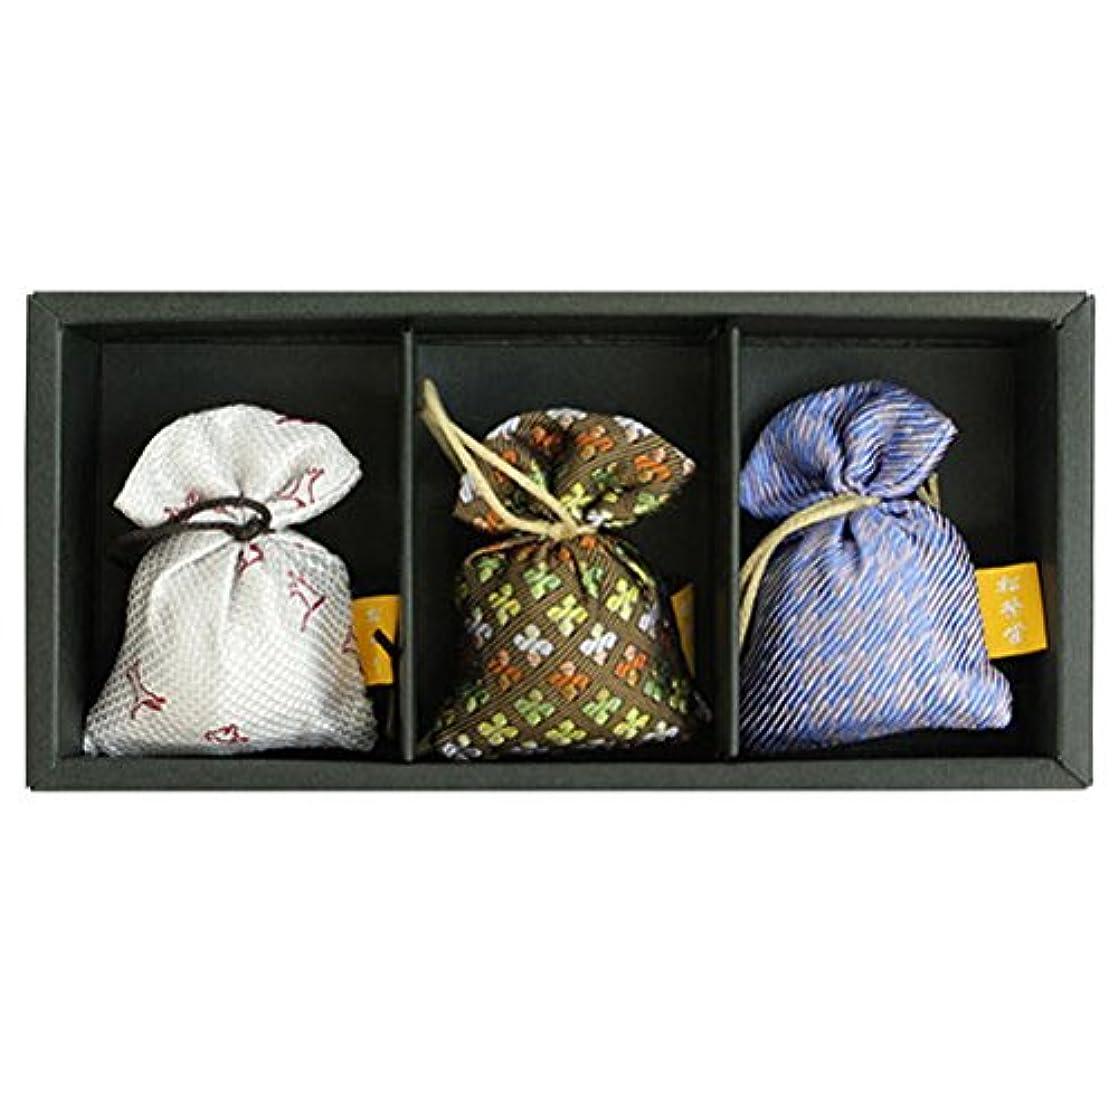 手段ぶら下がる分配します匂い袋 誰が袖 薫 かおる 3個入 松栄堂 Shoyeido 本体長さ60mm (色?柄は選べません)